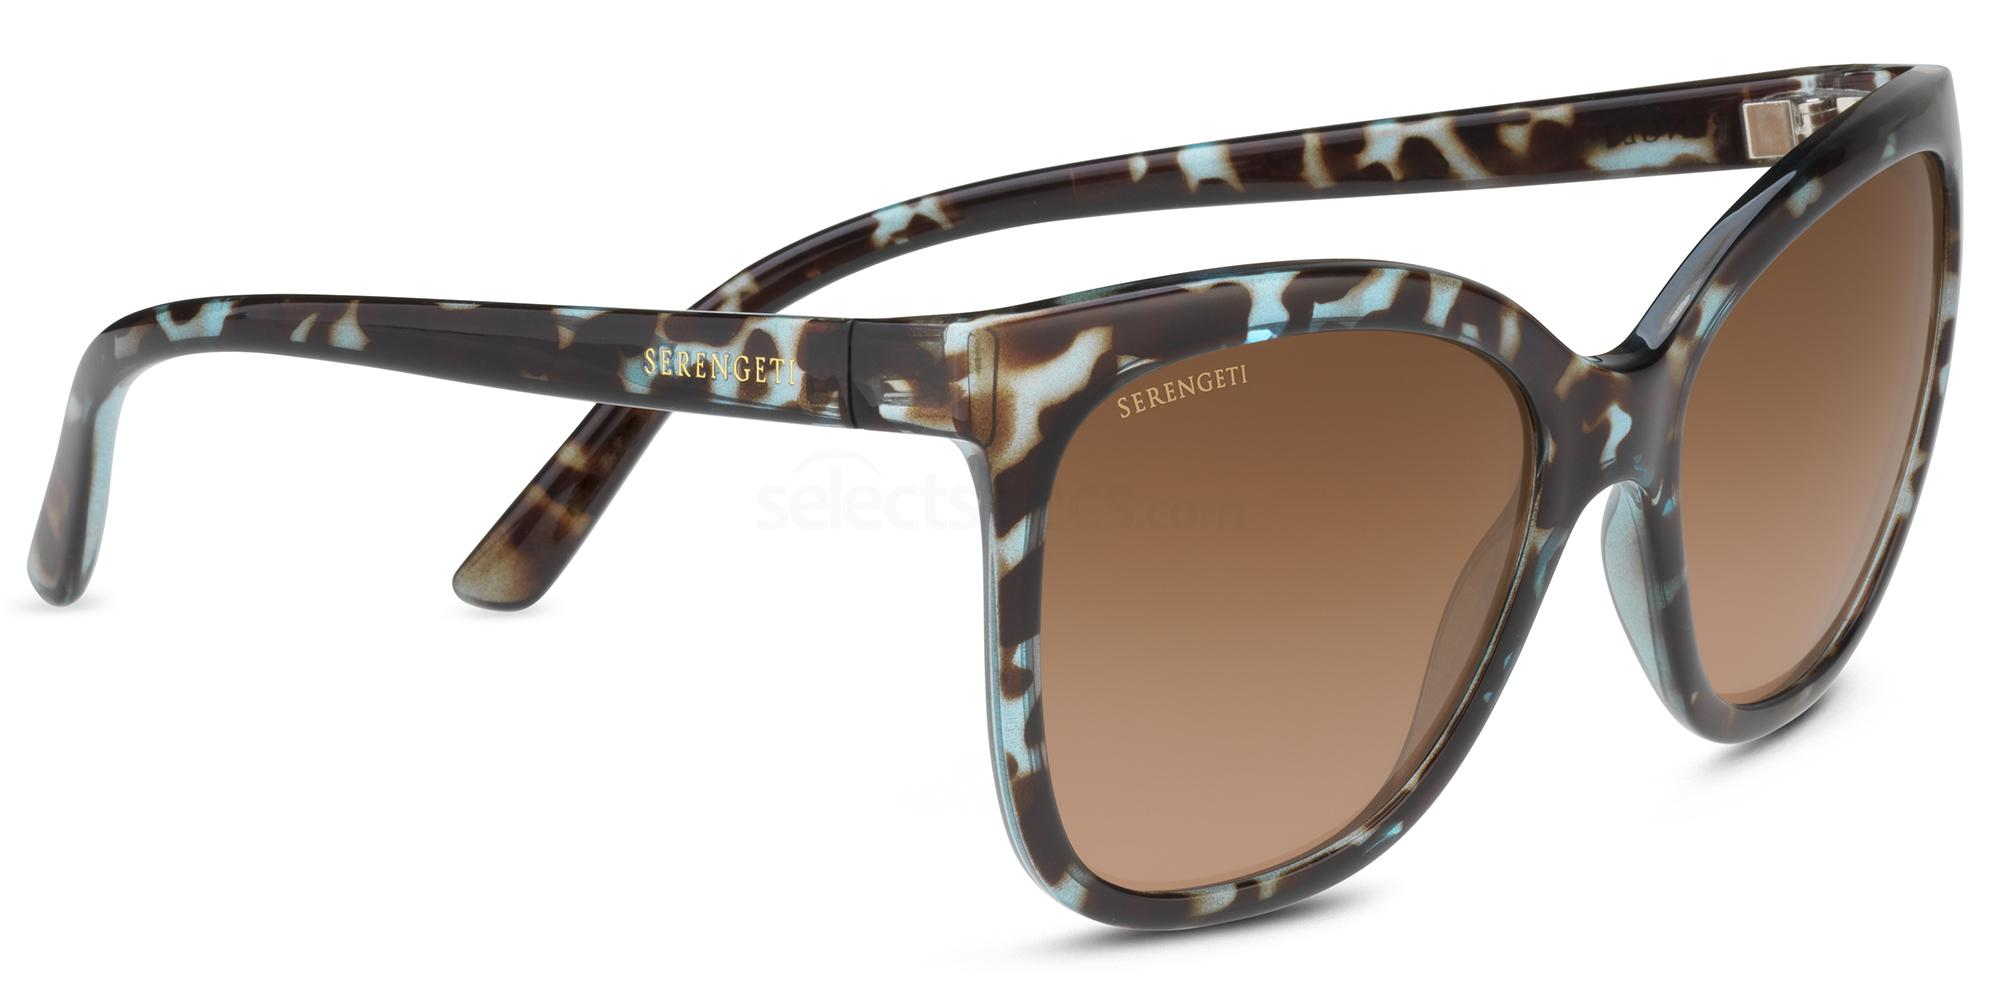 8777 AGATA Sunglasses, Serengeti